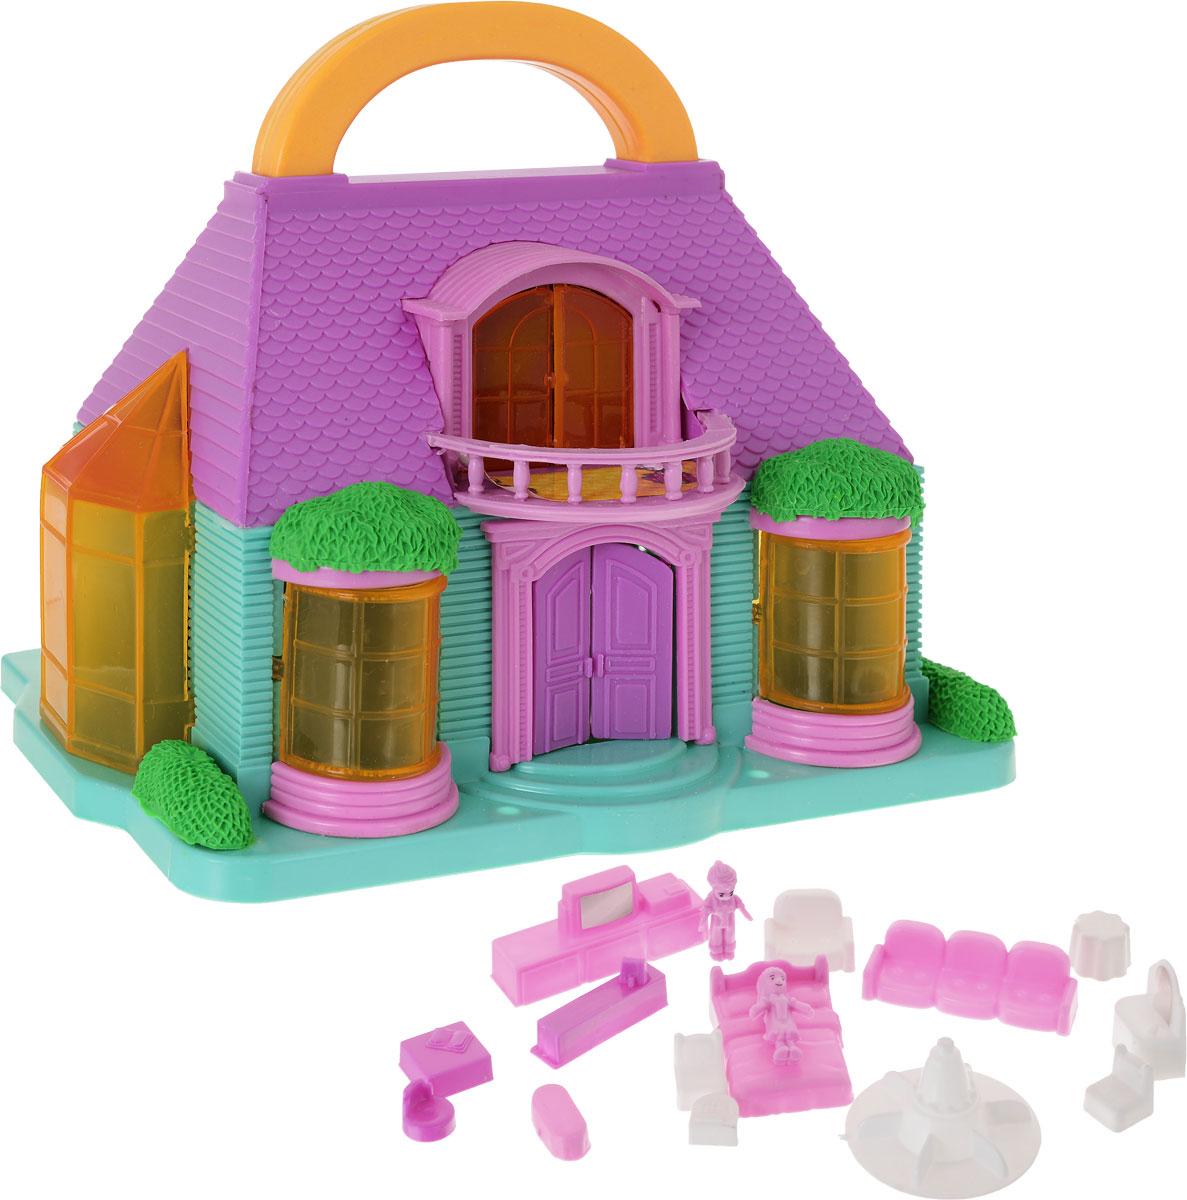 1TOY Игровой набор Домик цвет сиреневый бирюзовый игрушки для ванной 1toy игровой набор